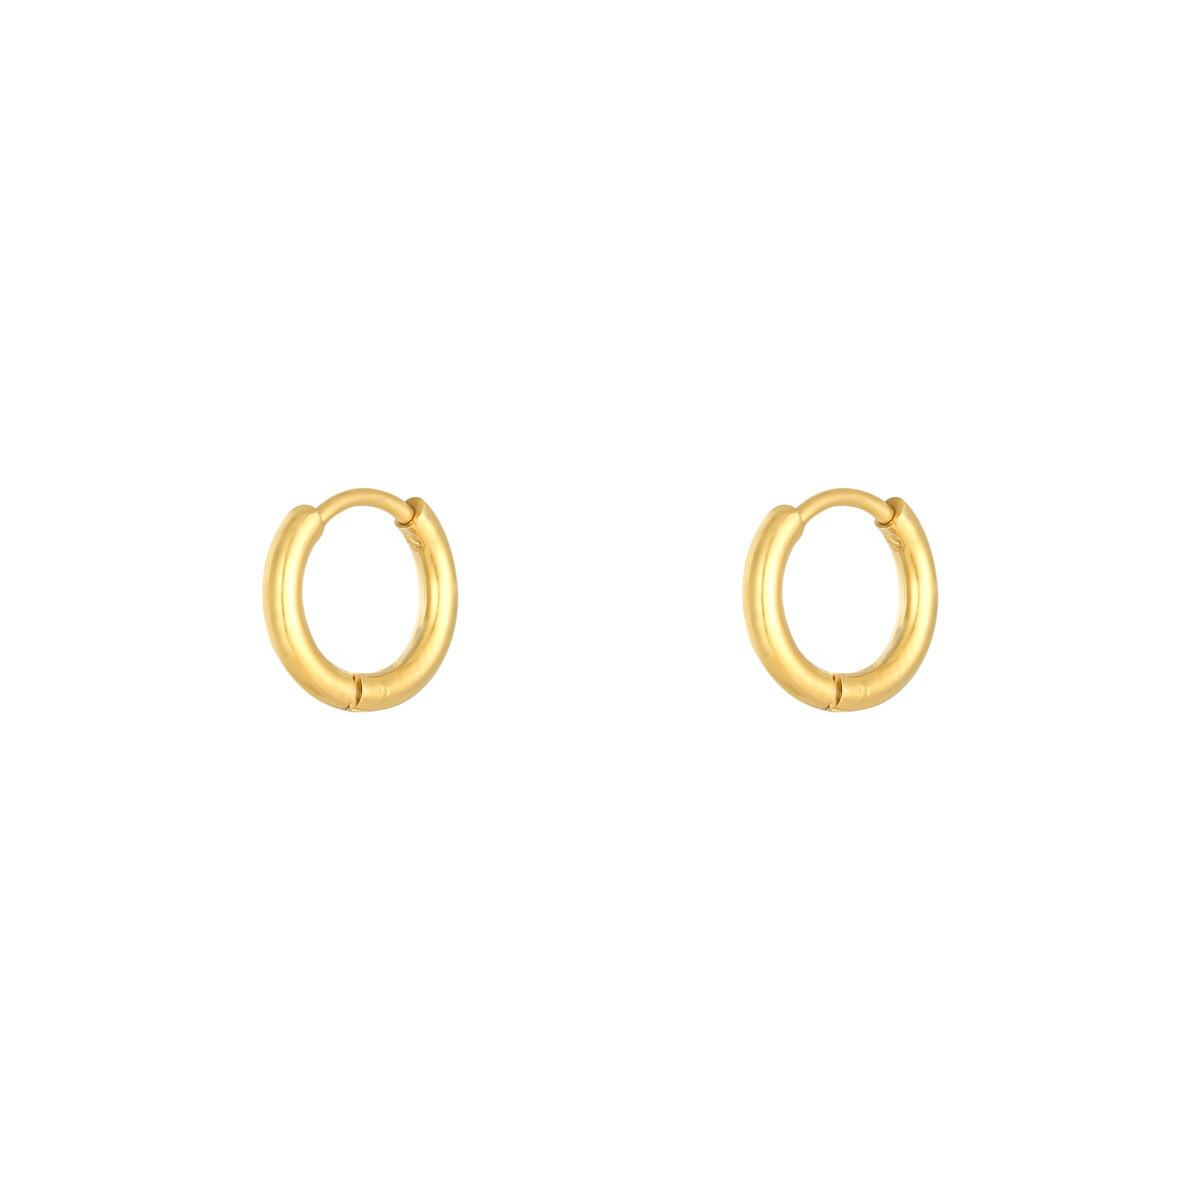 Simpele stainless steel oorringetjes goud 12 mm